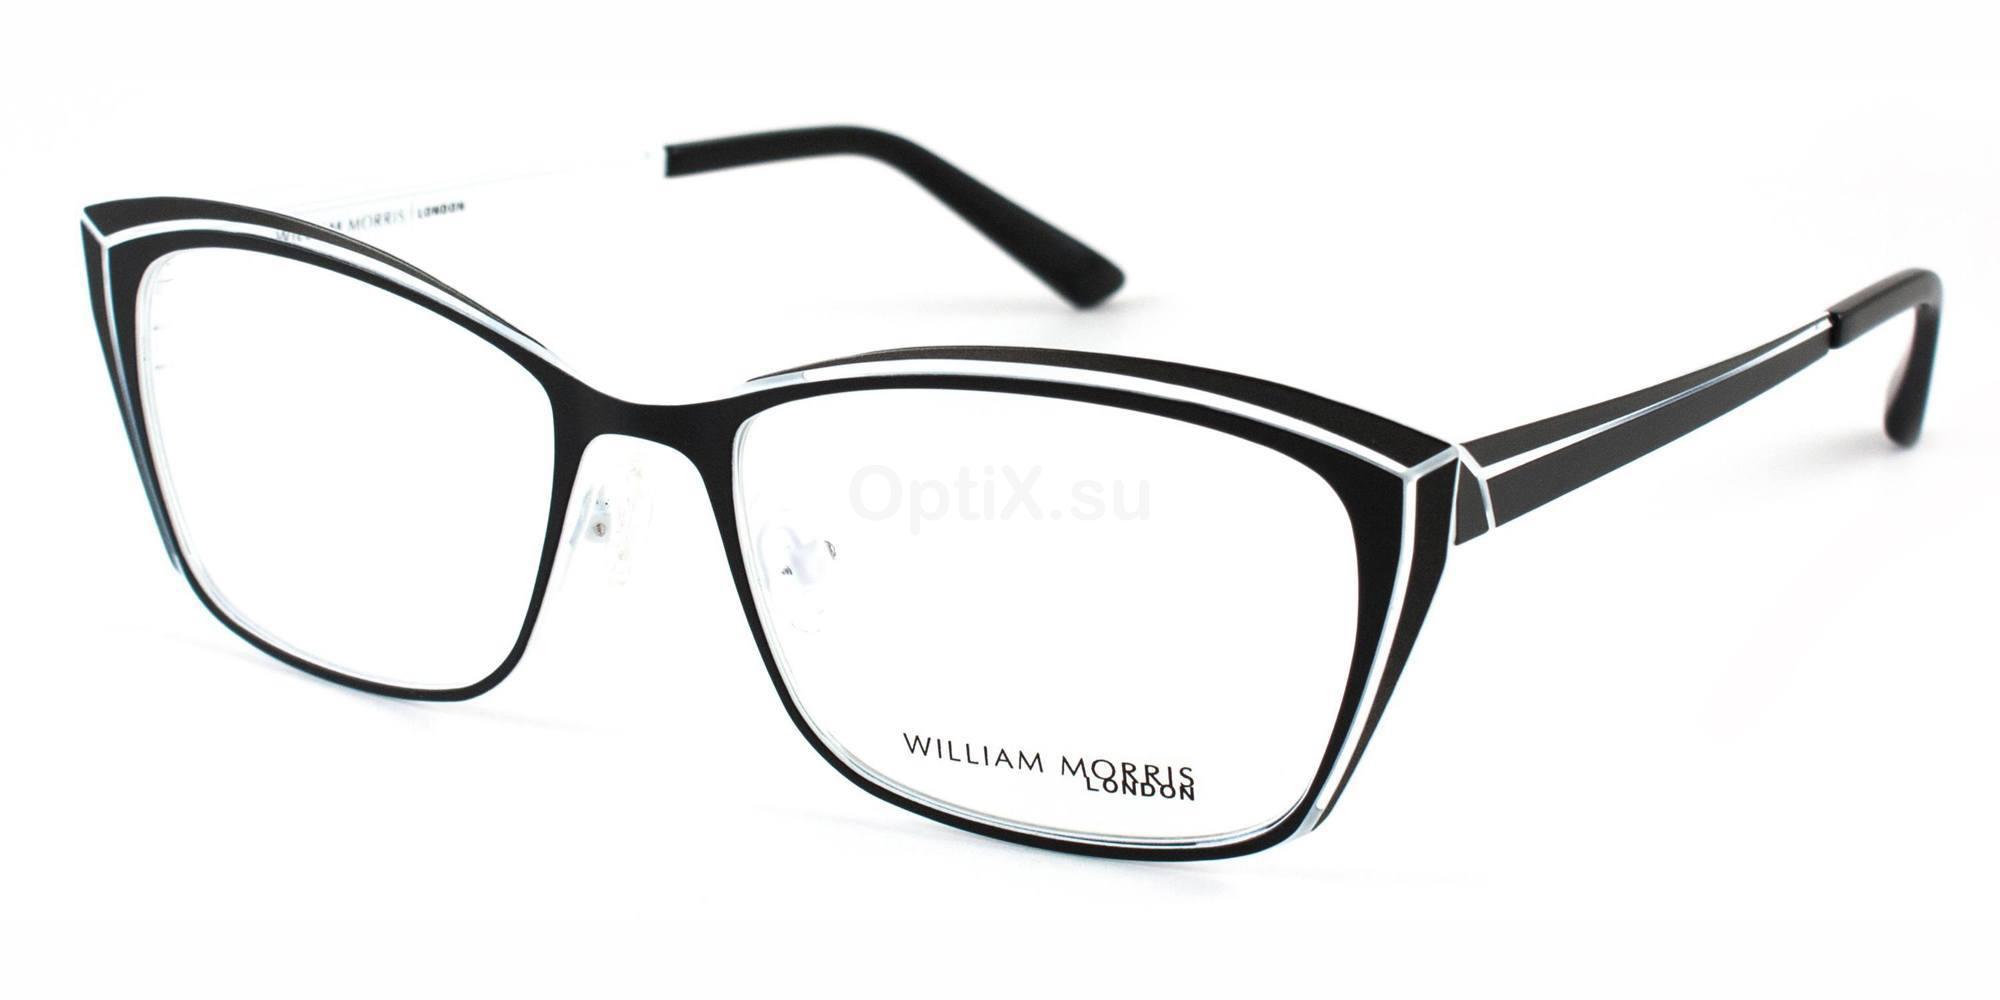 C1 WL4128 , William Morris London